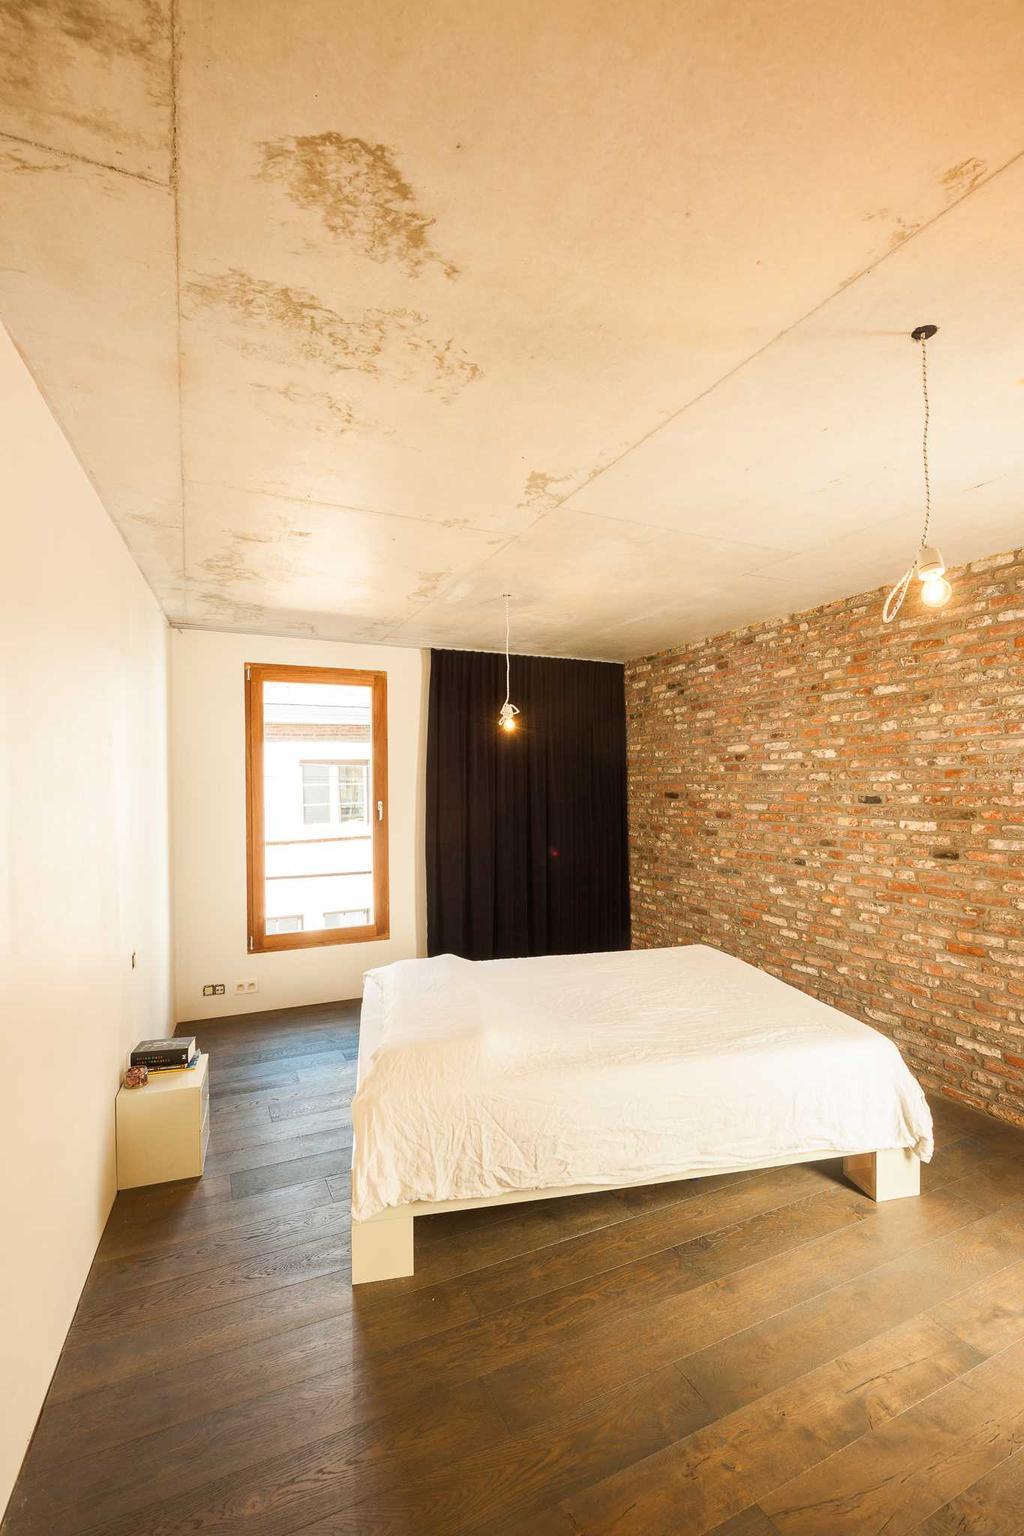 slaapkamer bed baksteen